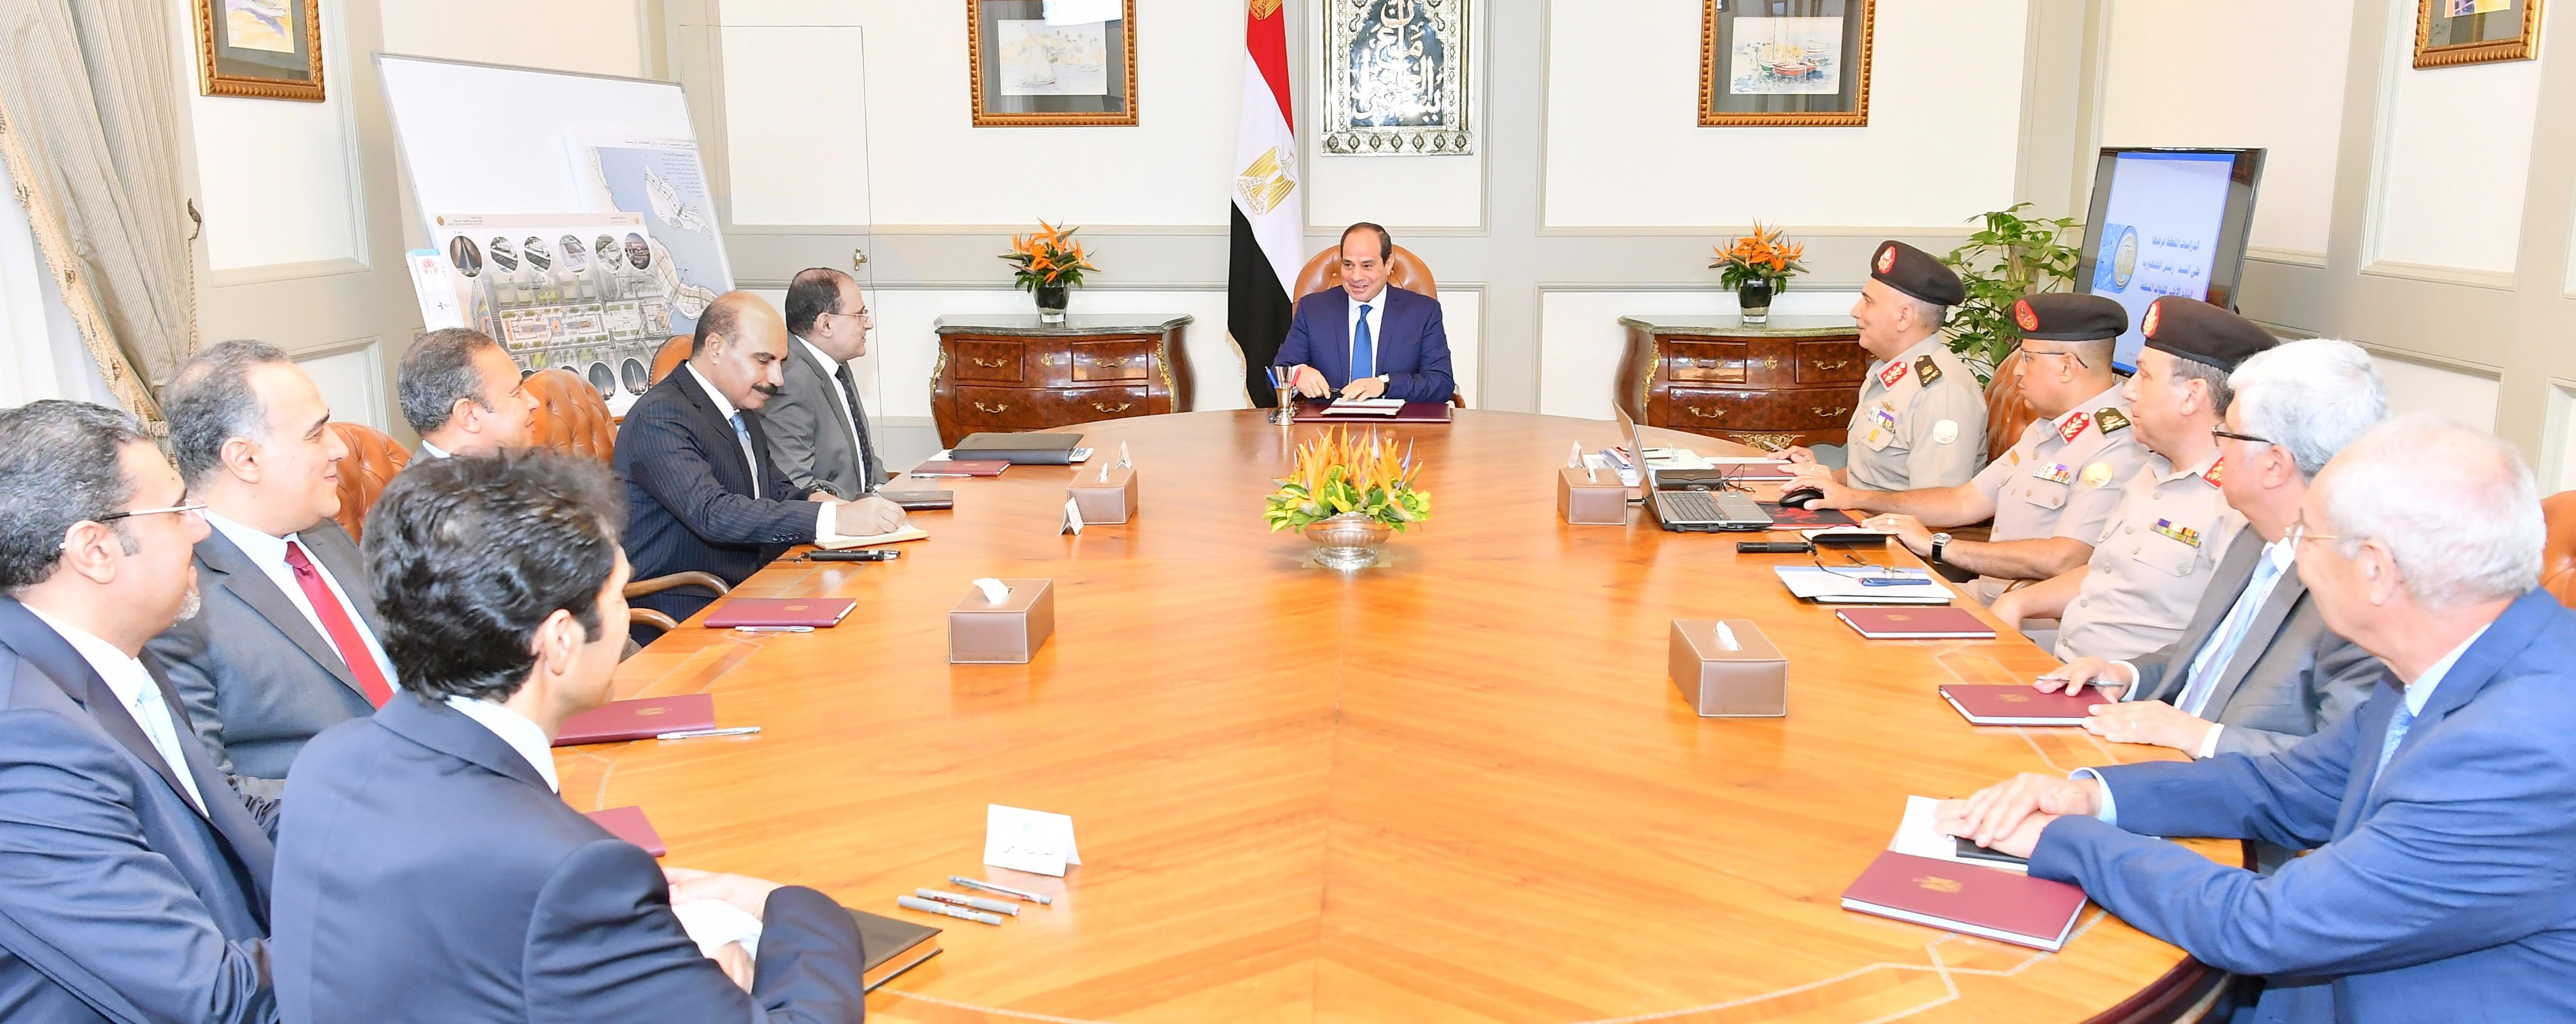 السيد الرئيس يجتمع مع السيد رئيس الهيئة الهندسية للقوات المسلحة